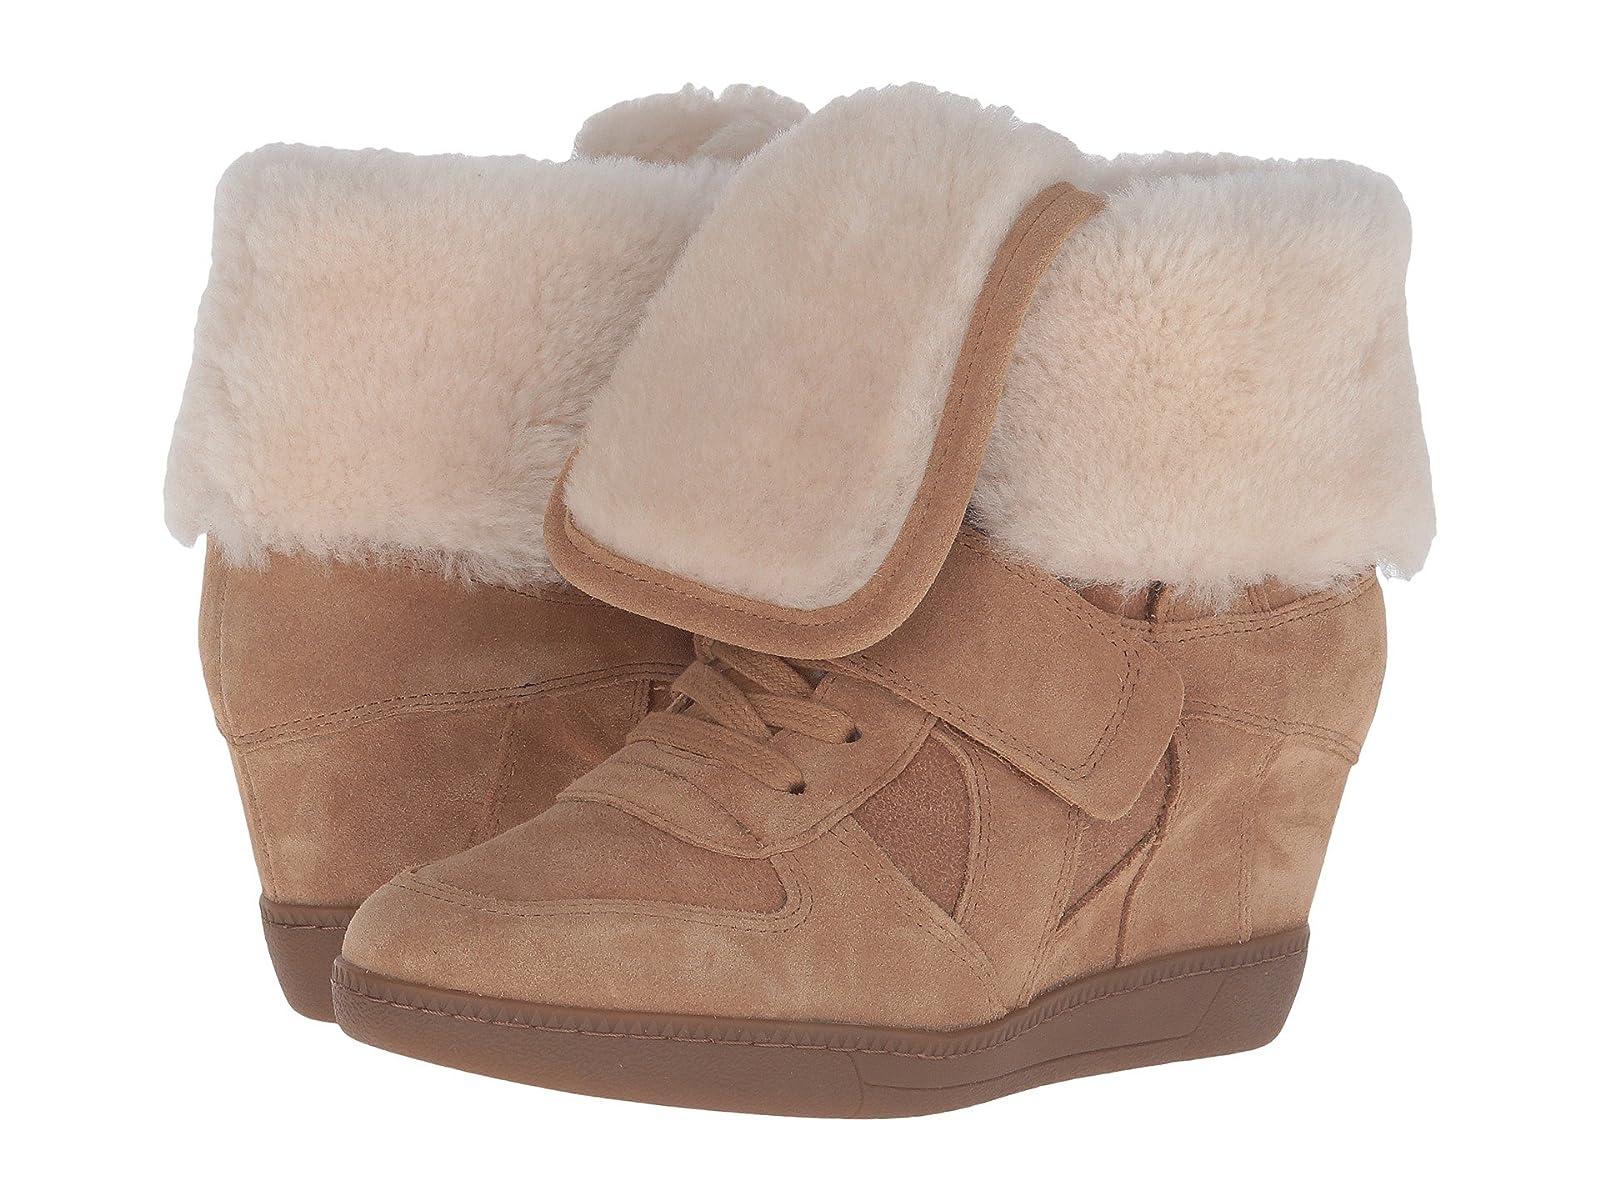 ASH Brandy FurCheap and distinctive eye-catching shoes